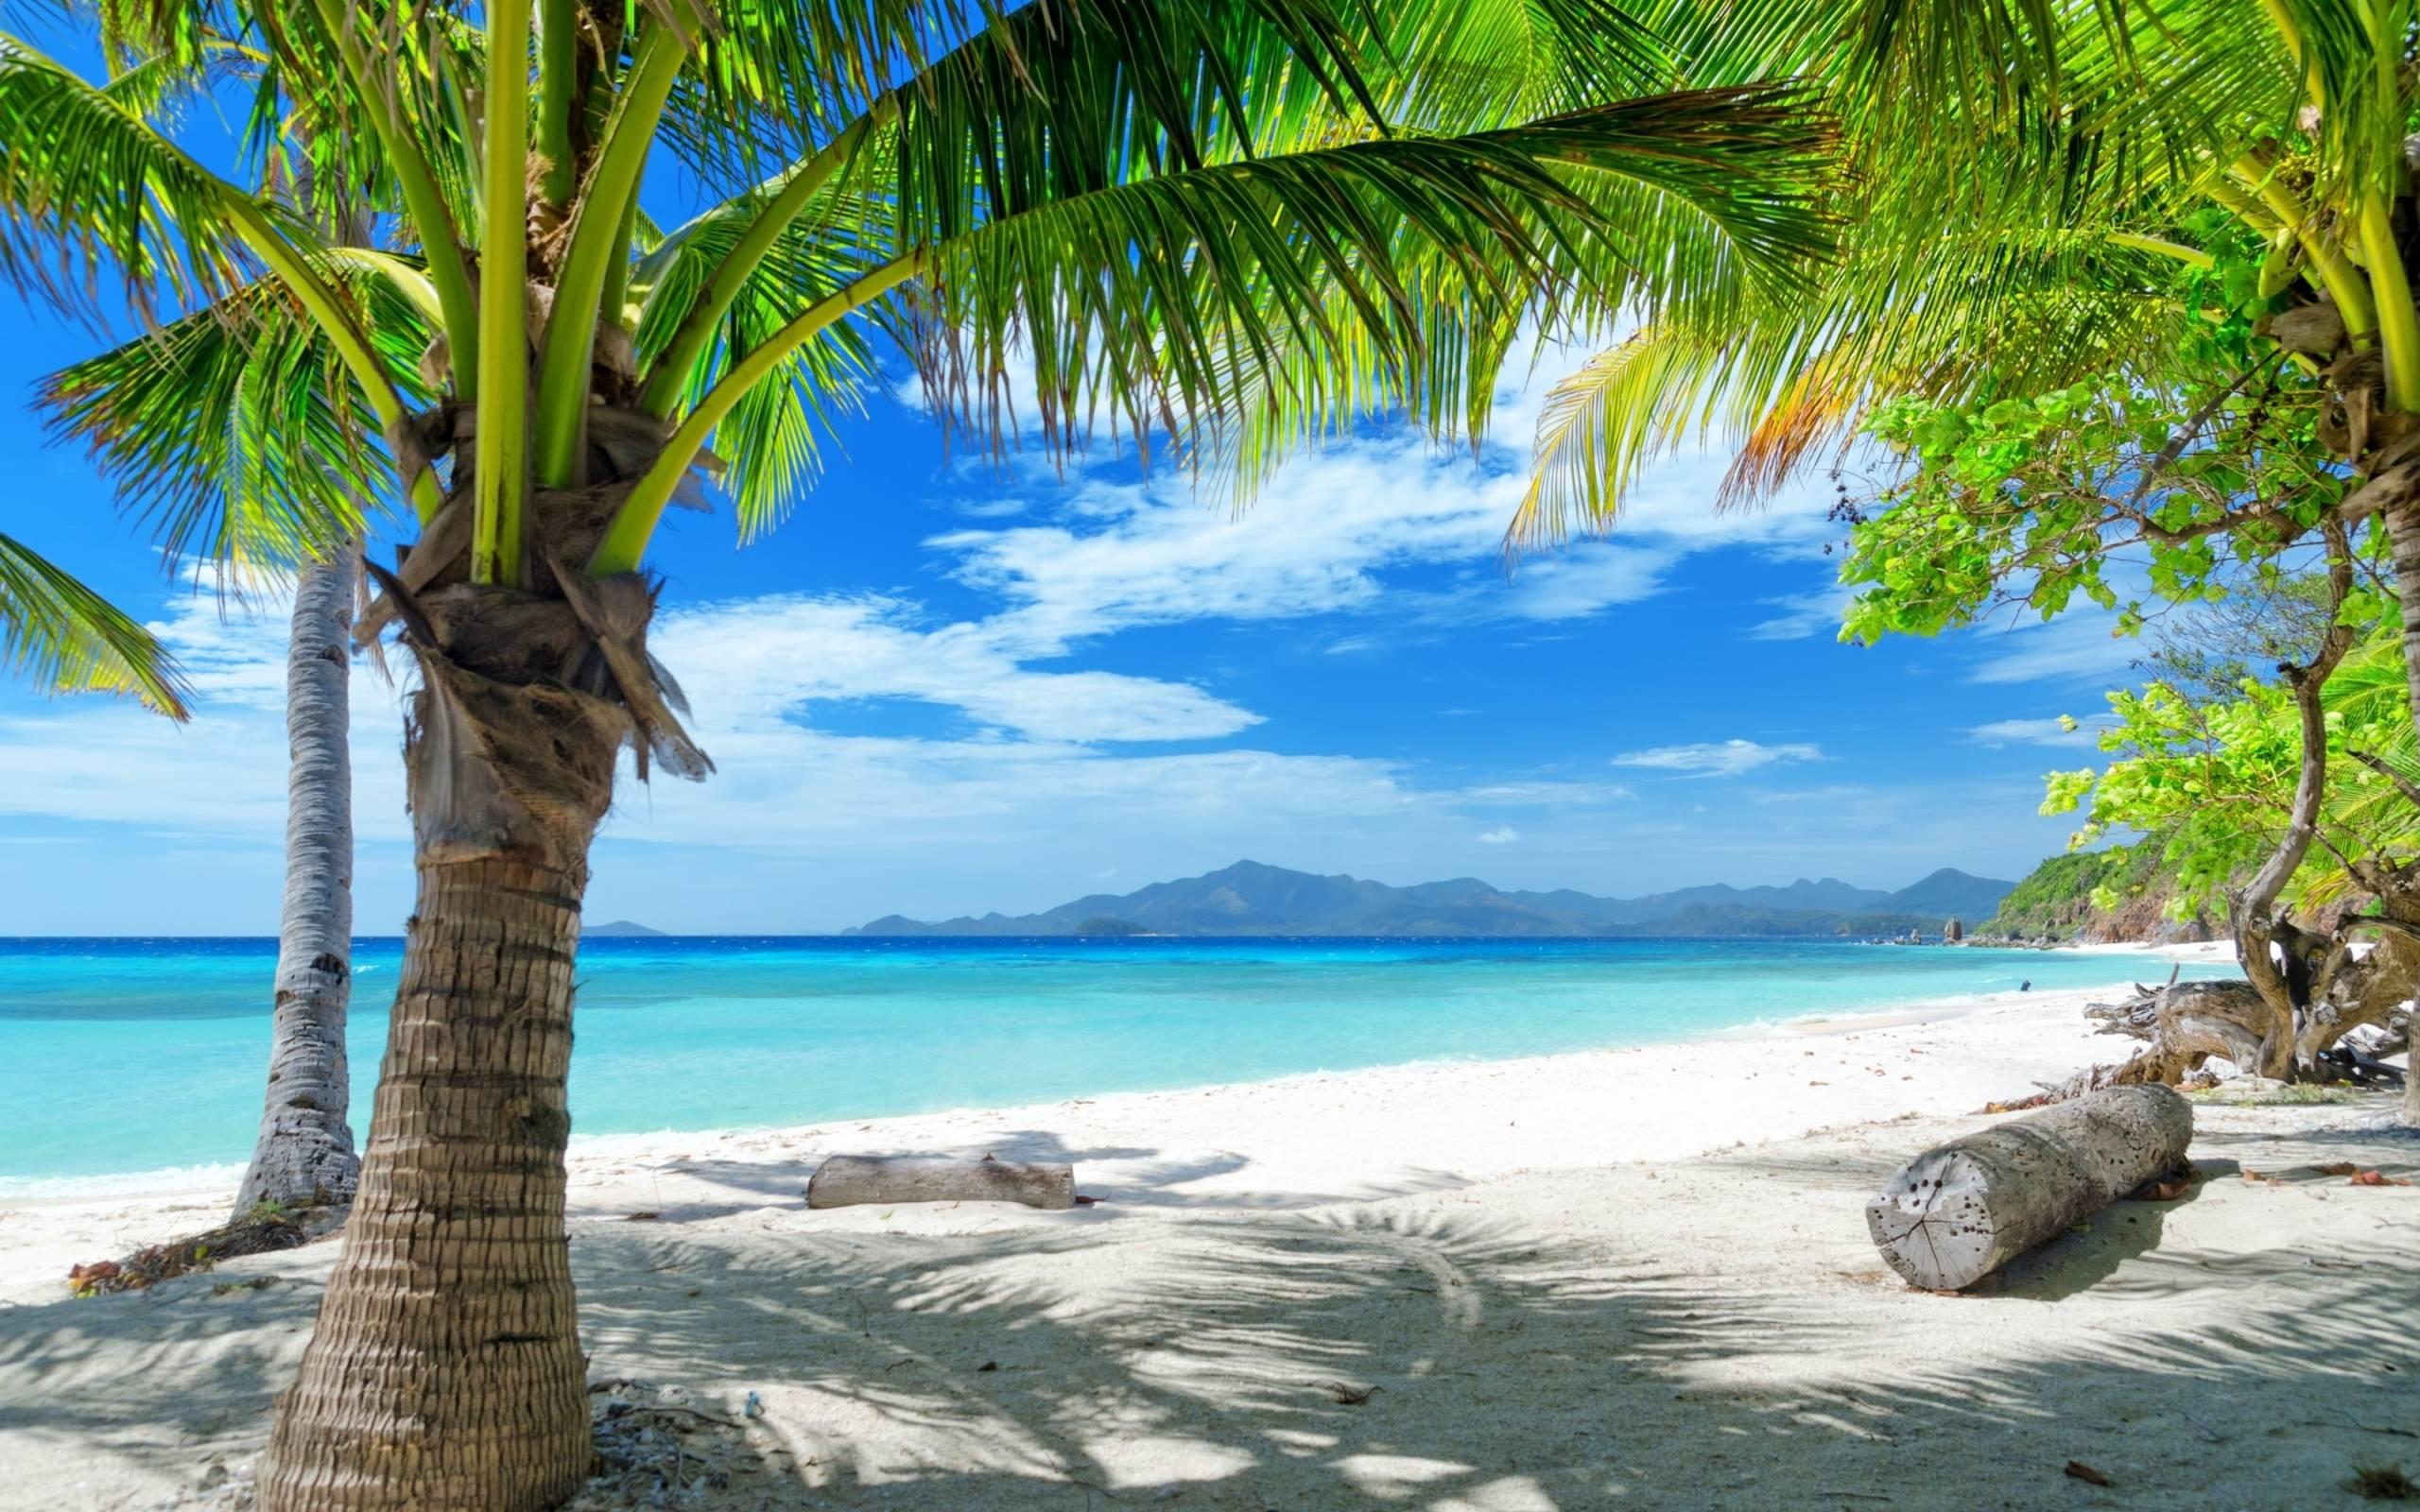 Ocean Beach Desktop Wallpapers   Top Ocean Beach Desktop 2560x1600